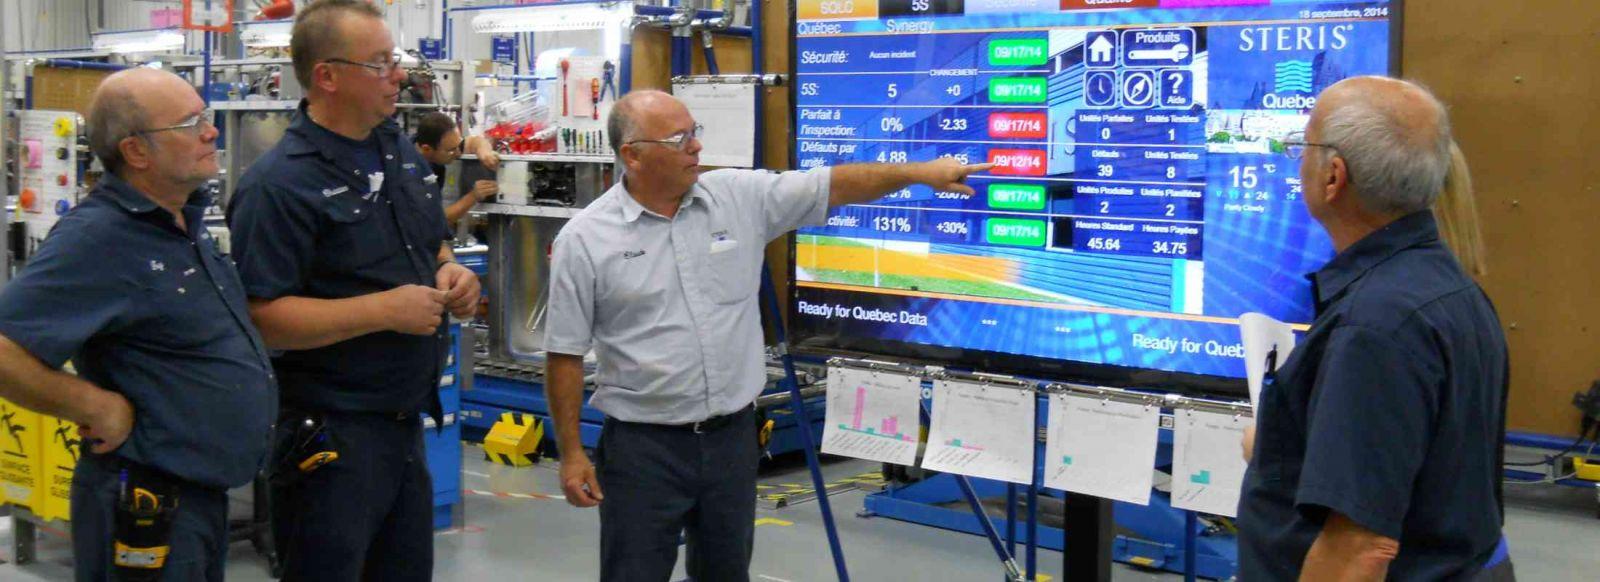 màn hình chuyên dụng dùng trong sản xuất